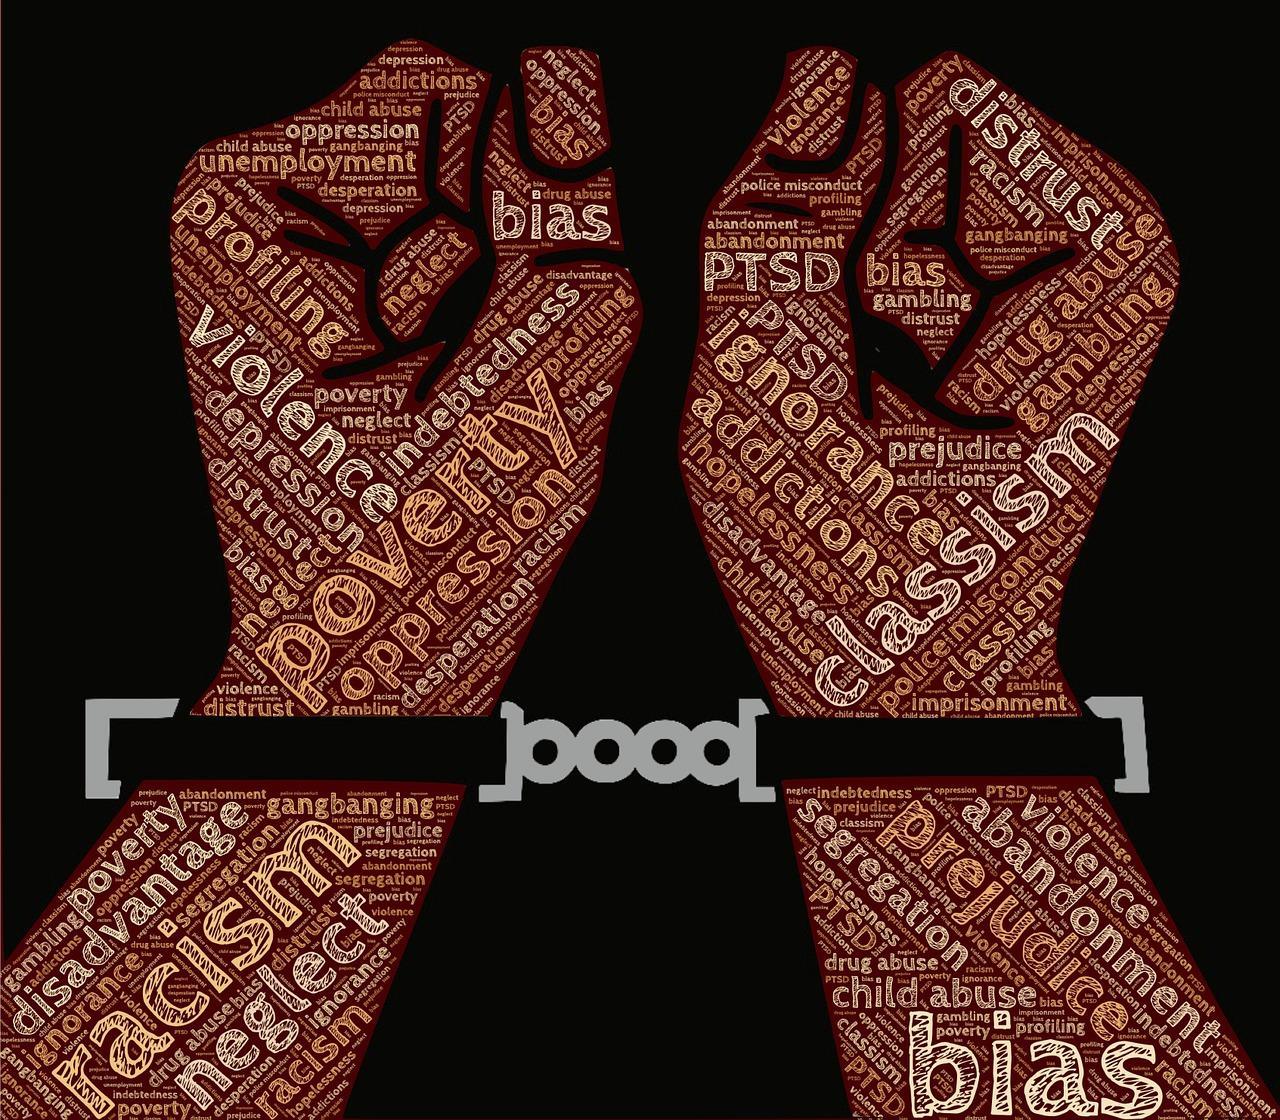 Racismo: O que é e como combater este mal na sociedade